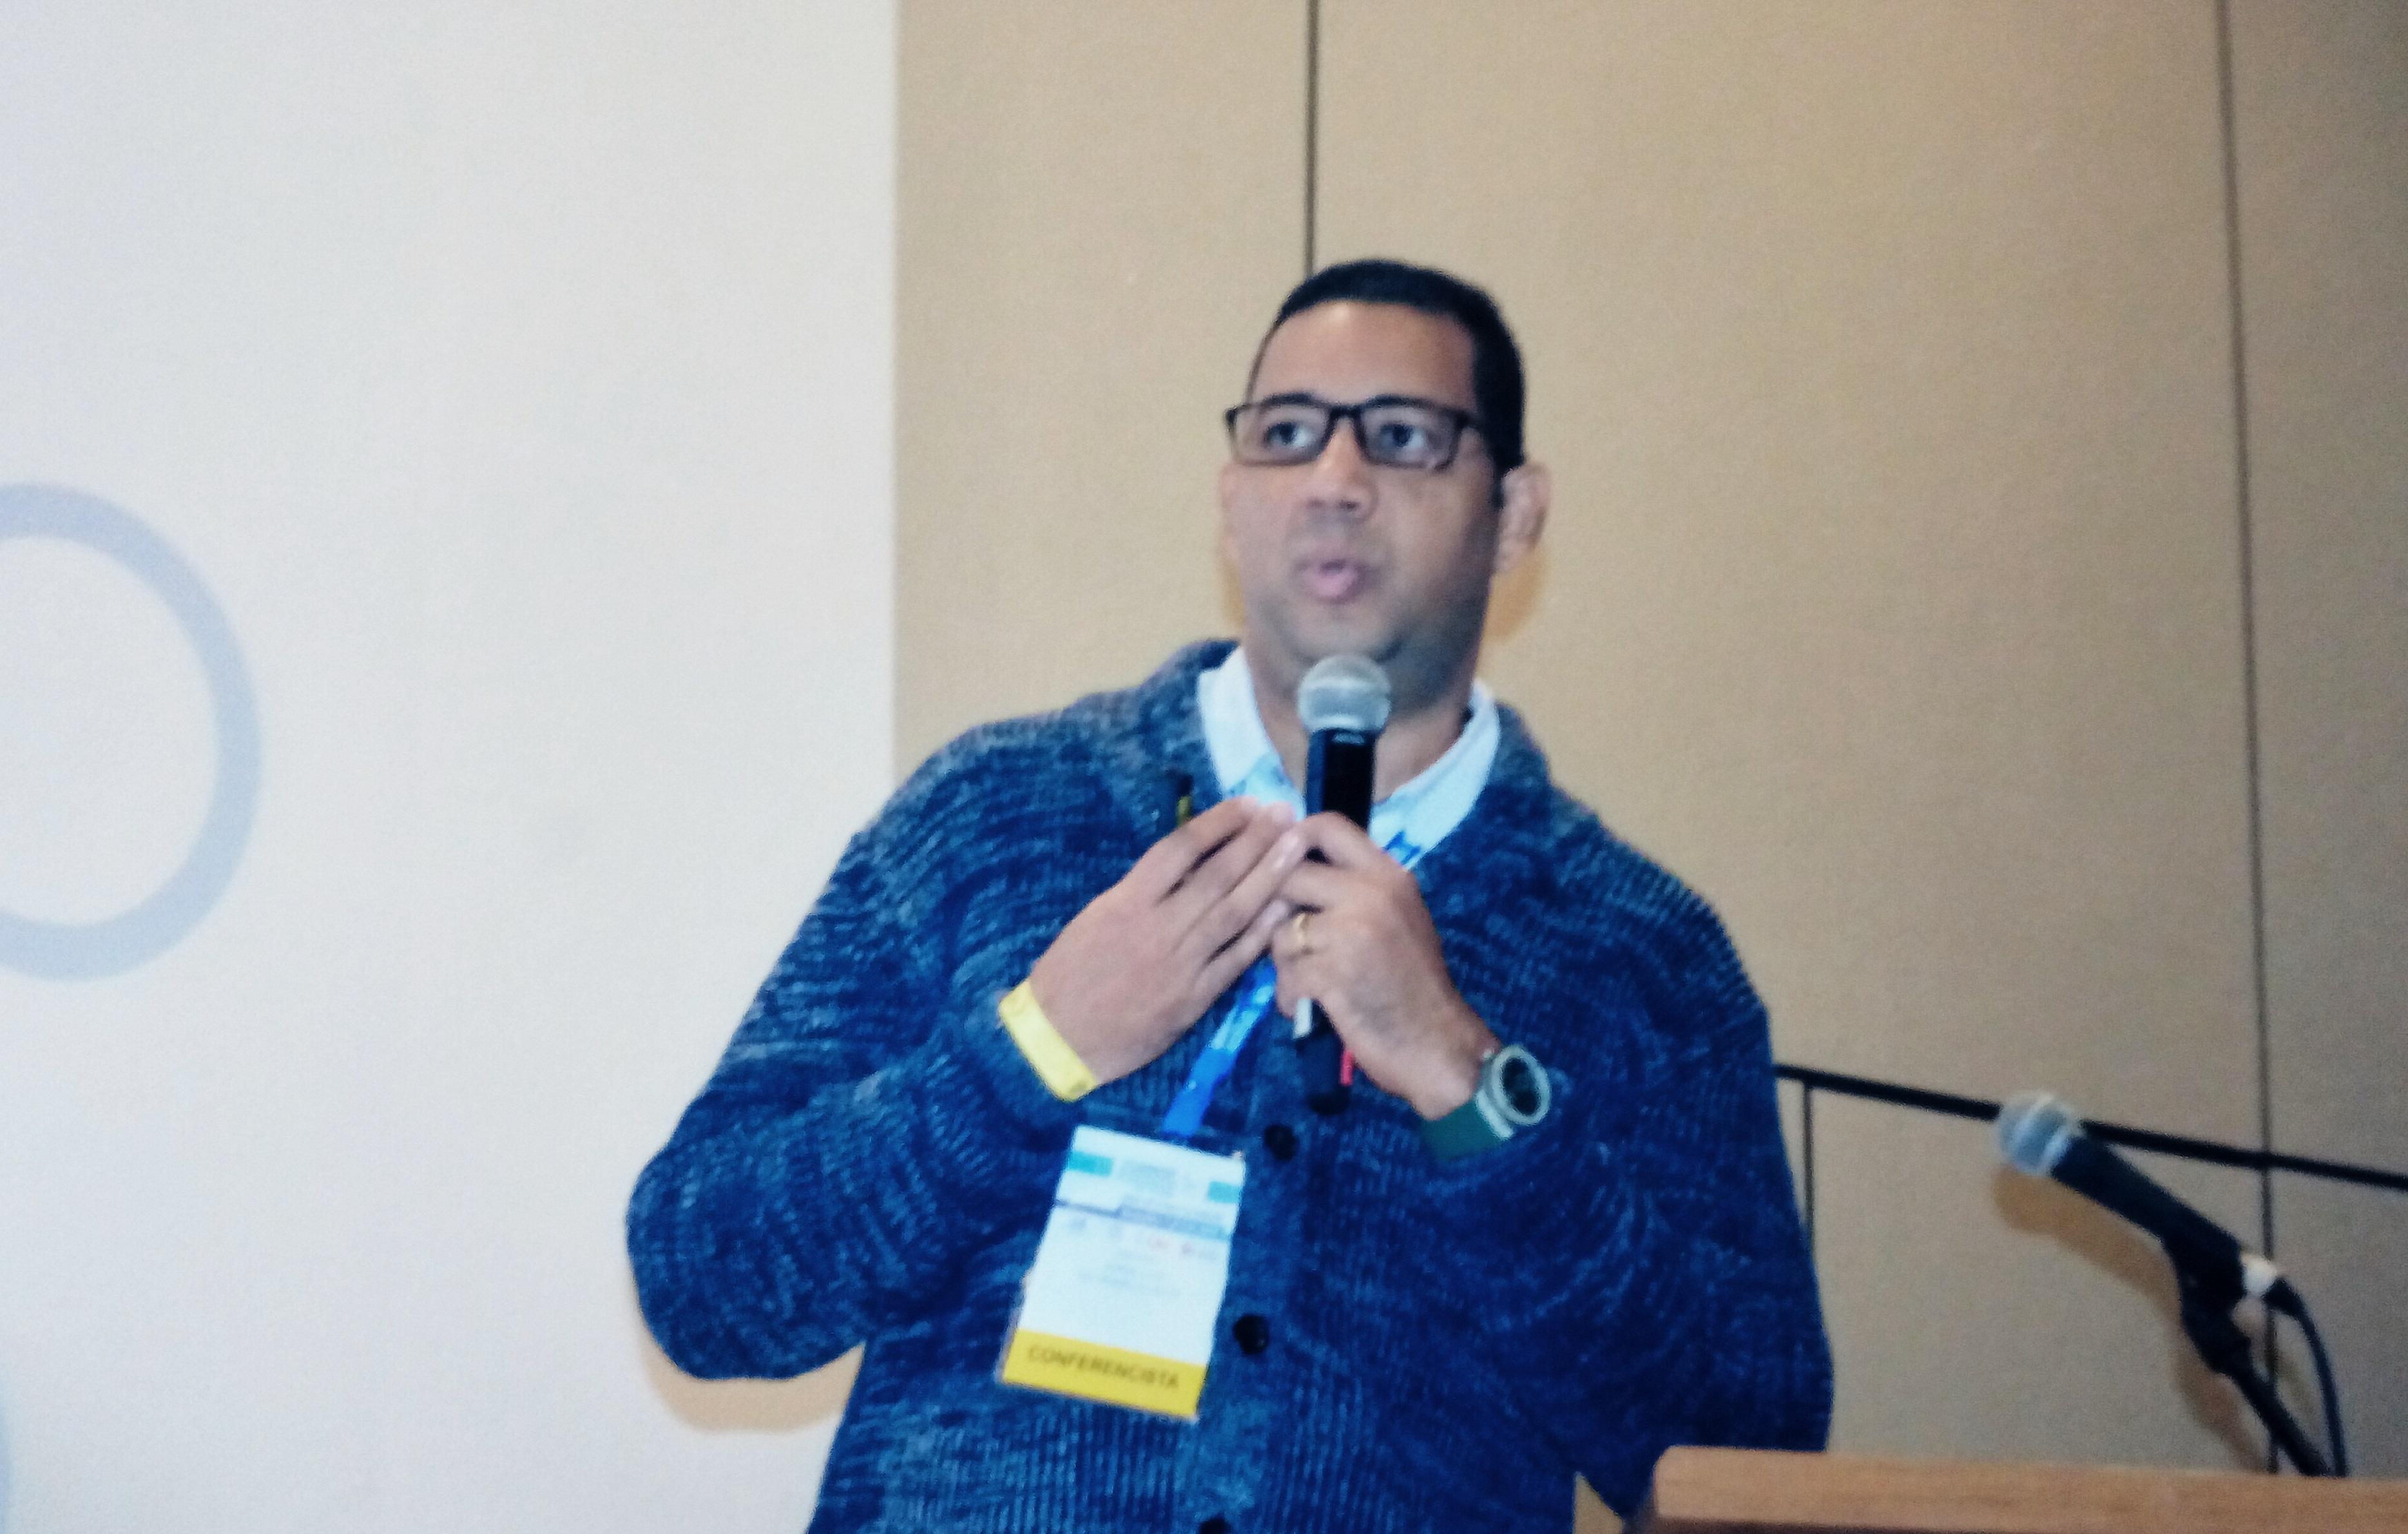 Docente CURN ponente en Congreso internacional de Bacteriología